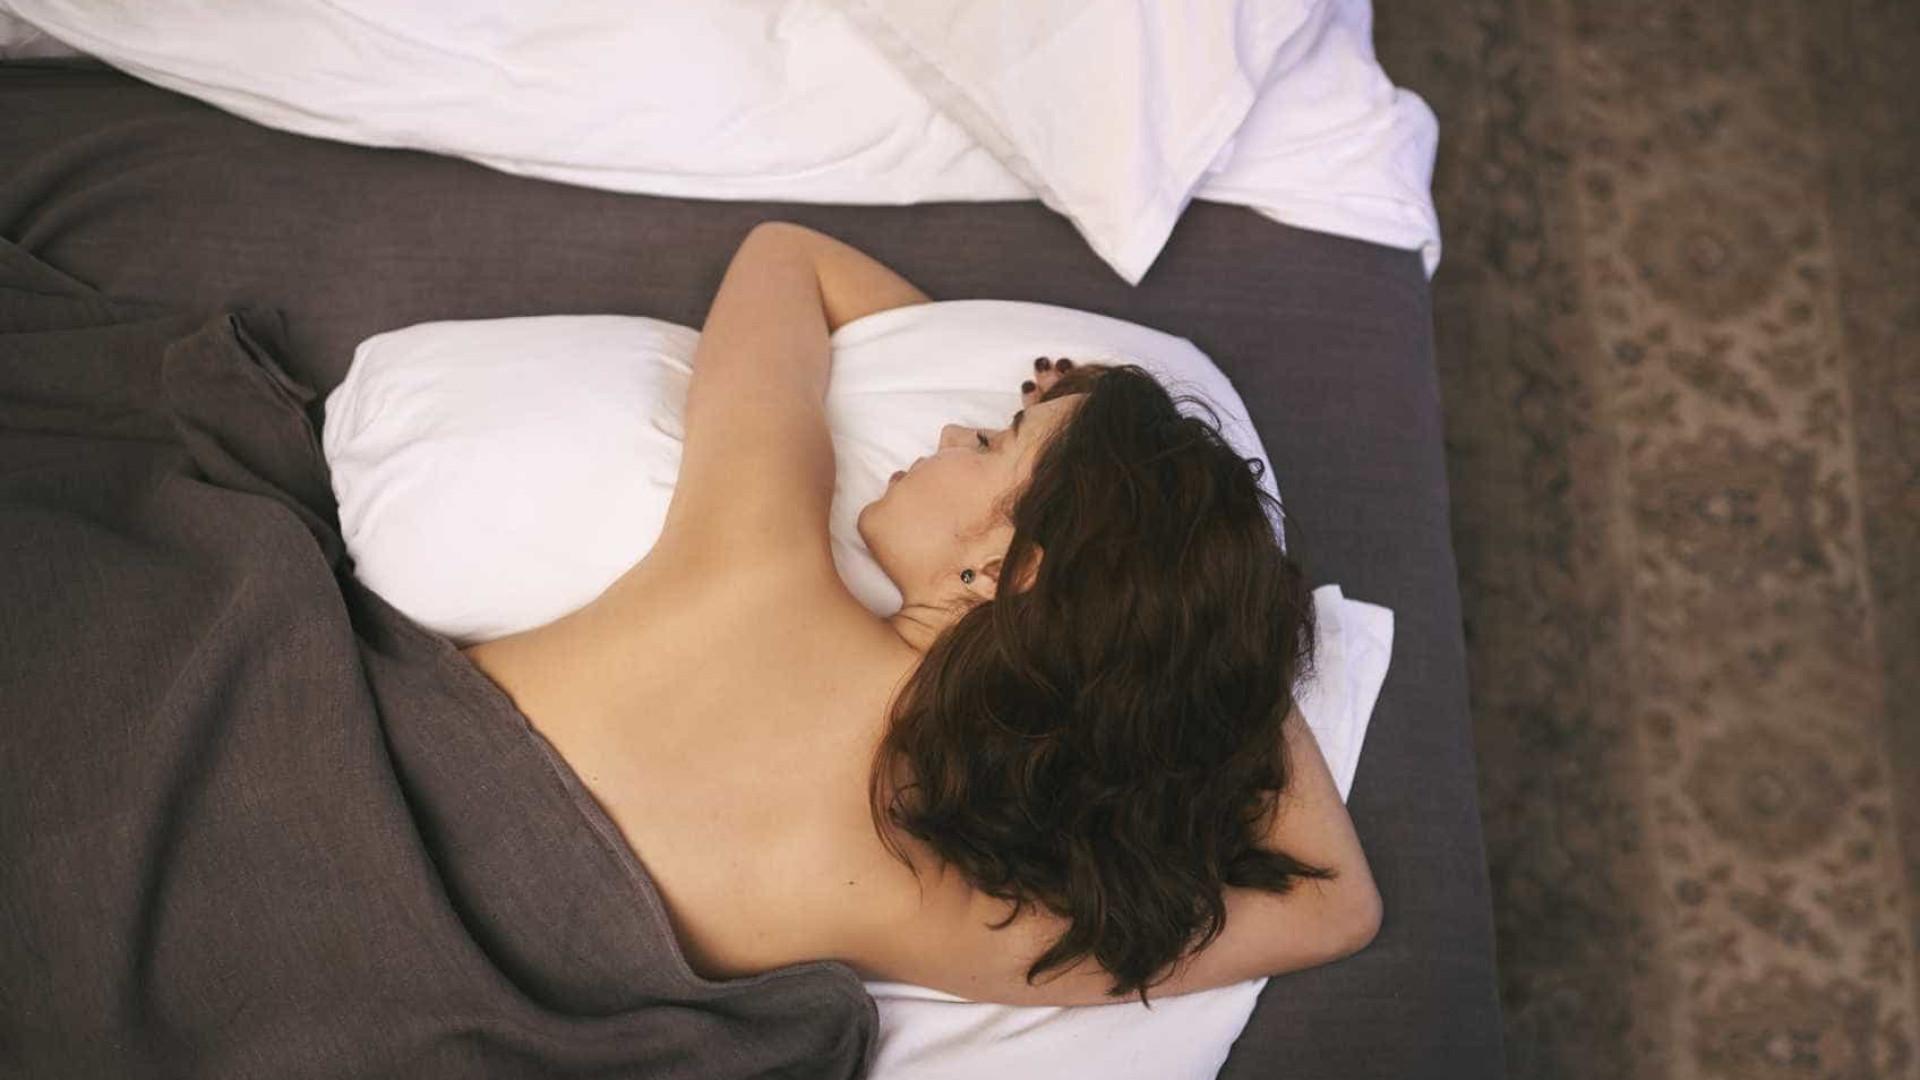 Dormir de barriga para baixo faz mal à saúde?